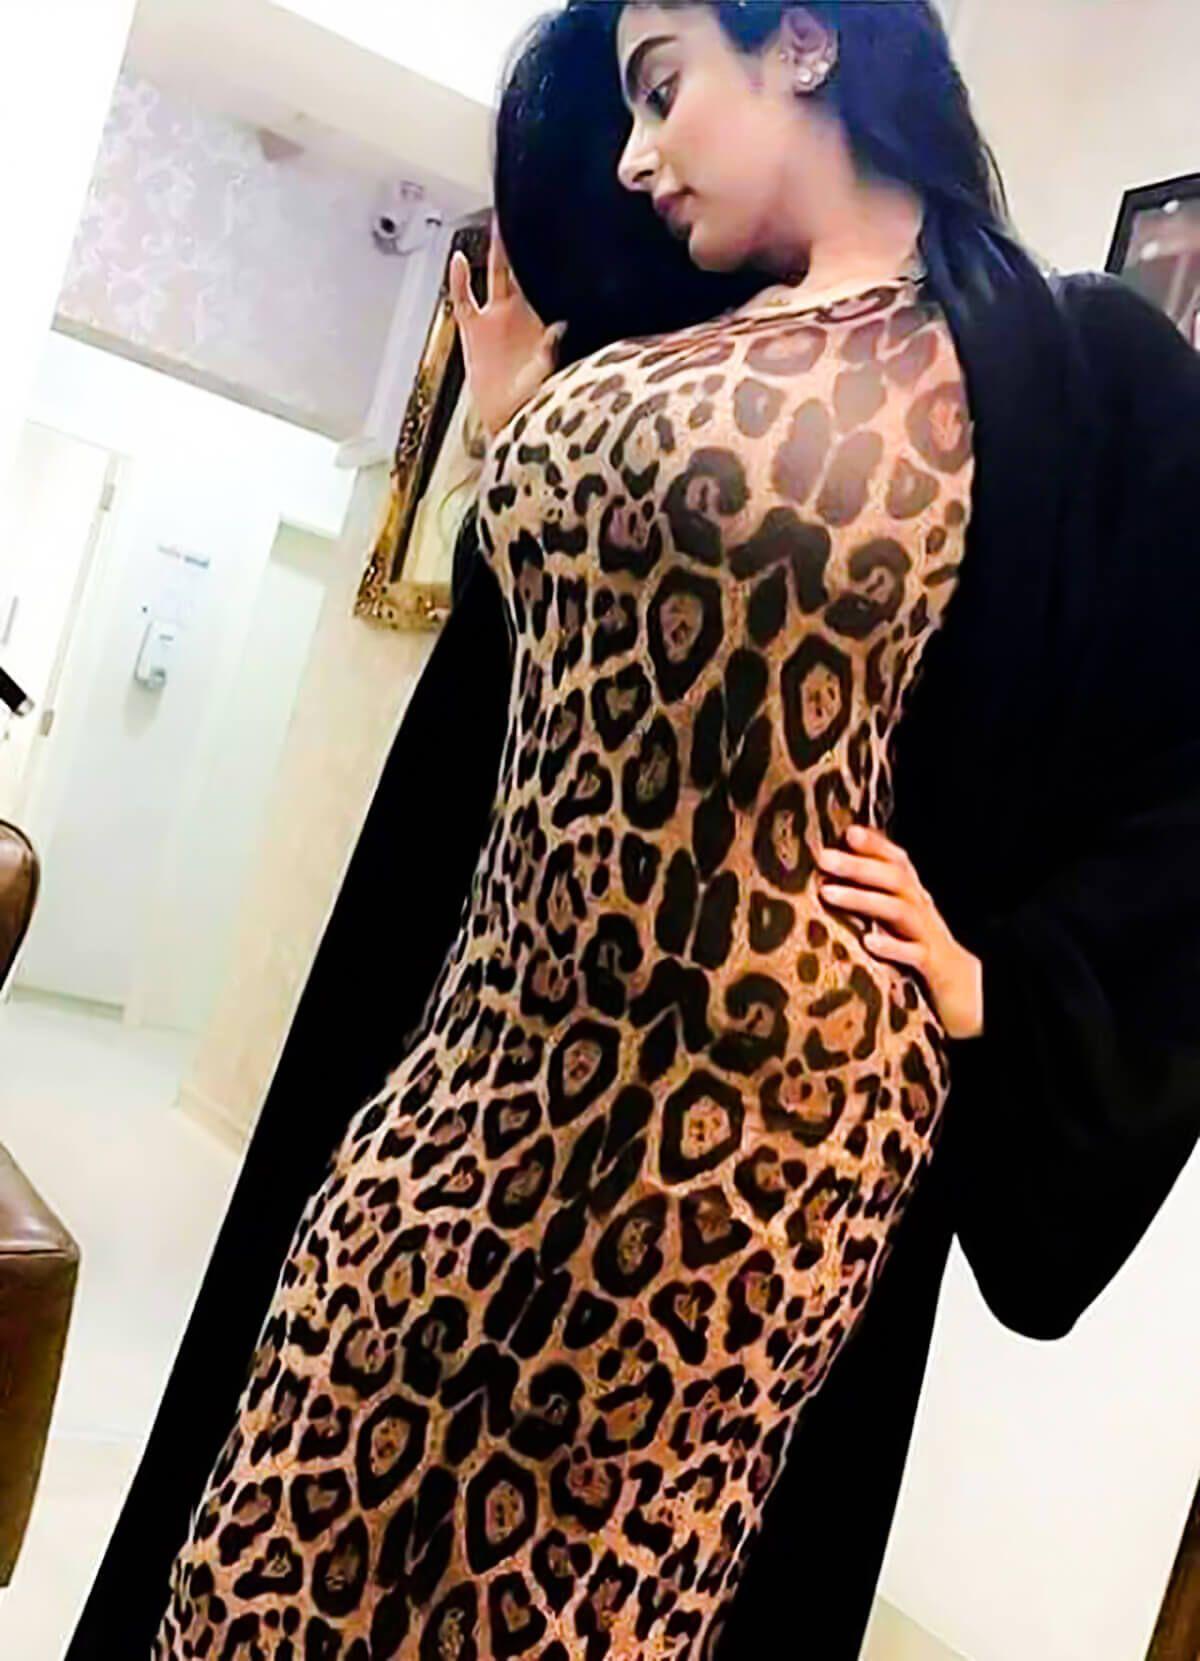 ارقام بنات الامارات و بنات للتعارف ابوظبي ارقام هواتف بنات للزواج من الامارات و ارقام بنات الامارات للواتس اب ارقام بنات Arab Girls Fashion Long Sleeve Dress